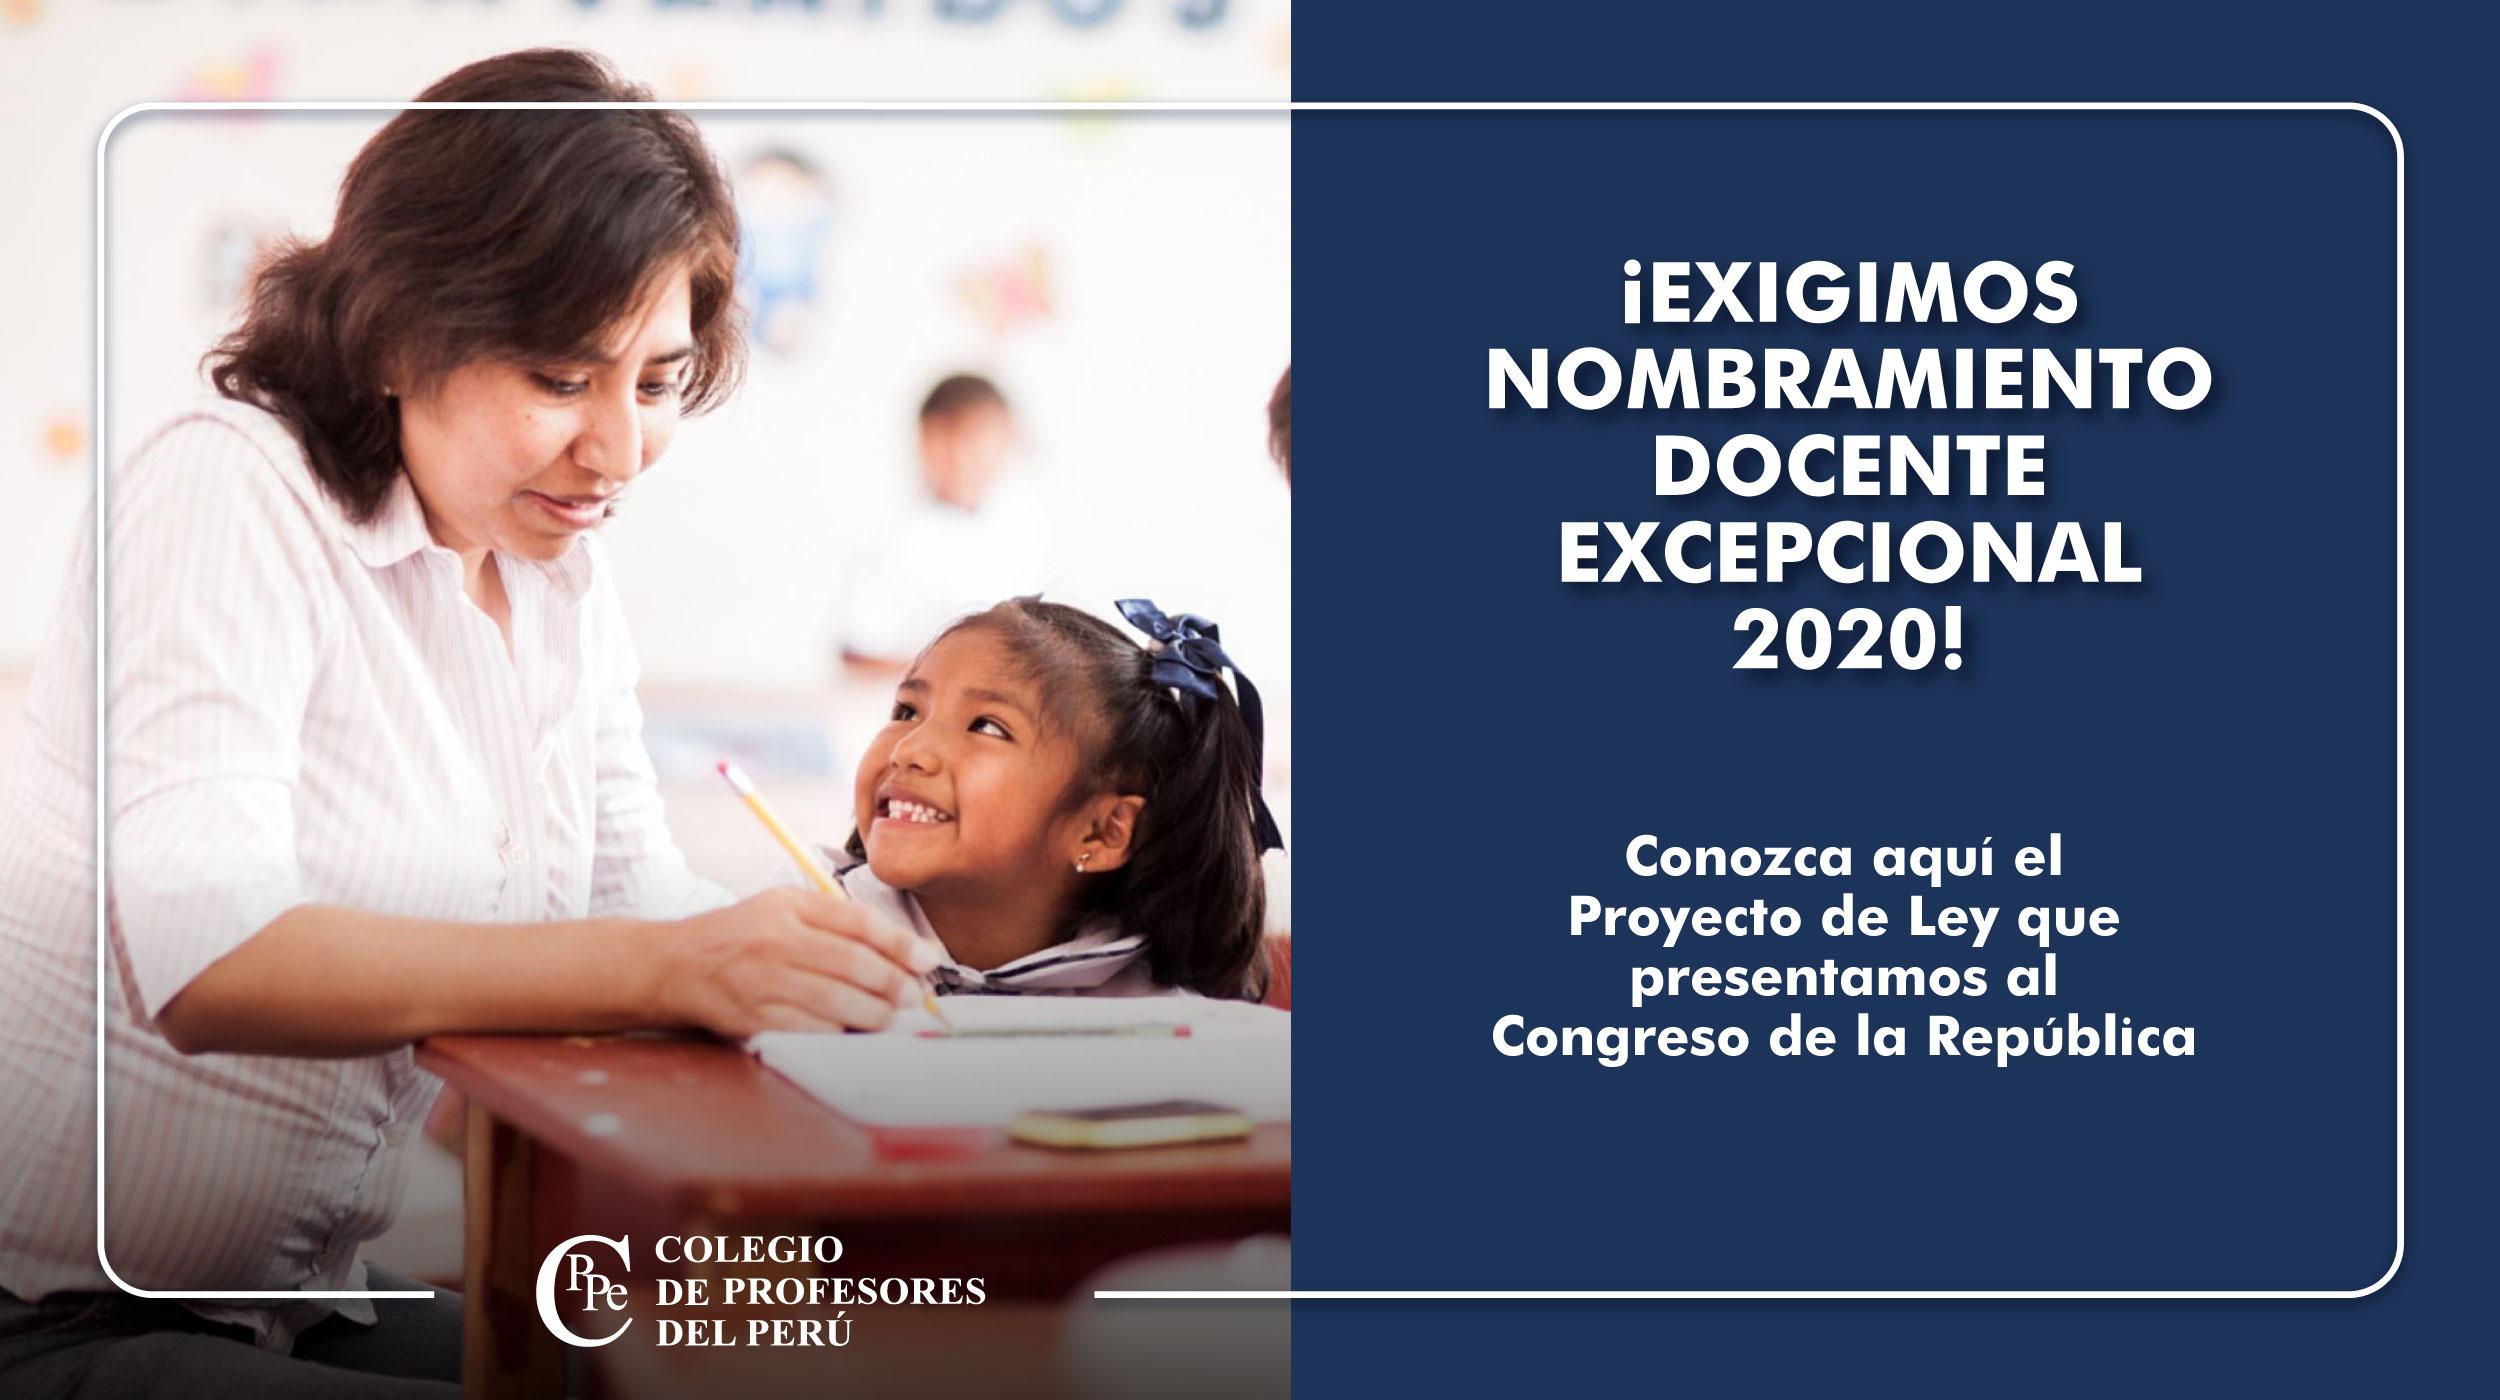 PRESENTAMOS PROYECTO DE LEY PARA NOMBRAMIENTO DOCENTE EXCEPCIONAL 2020